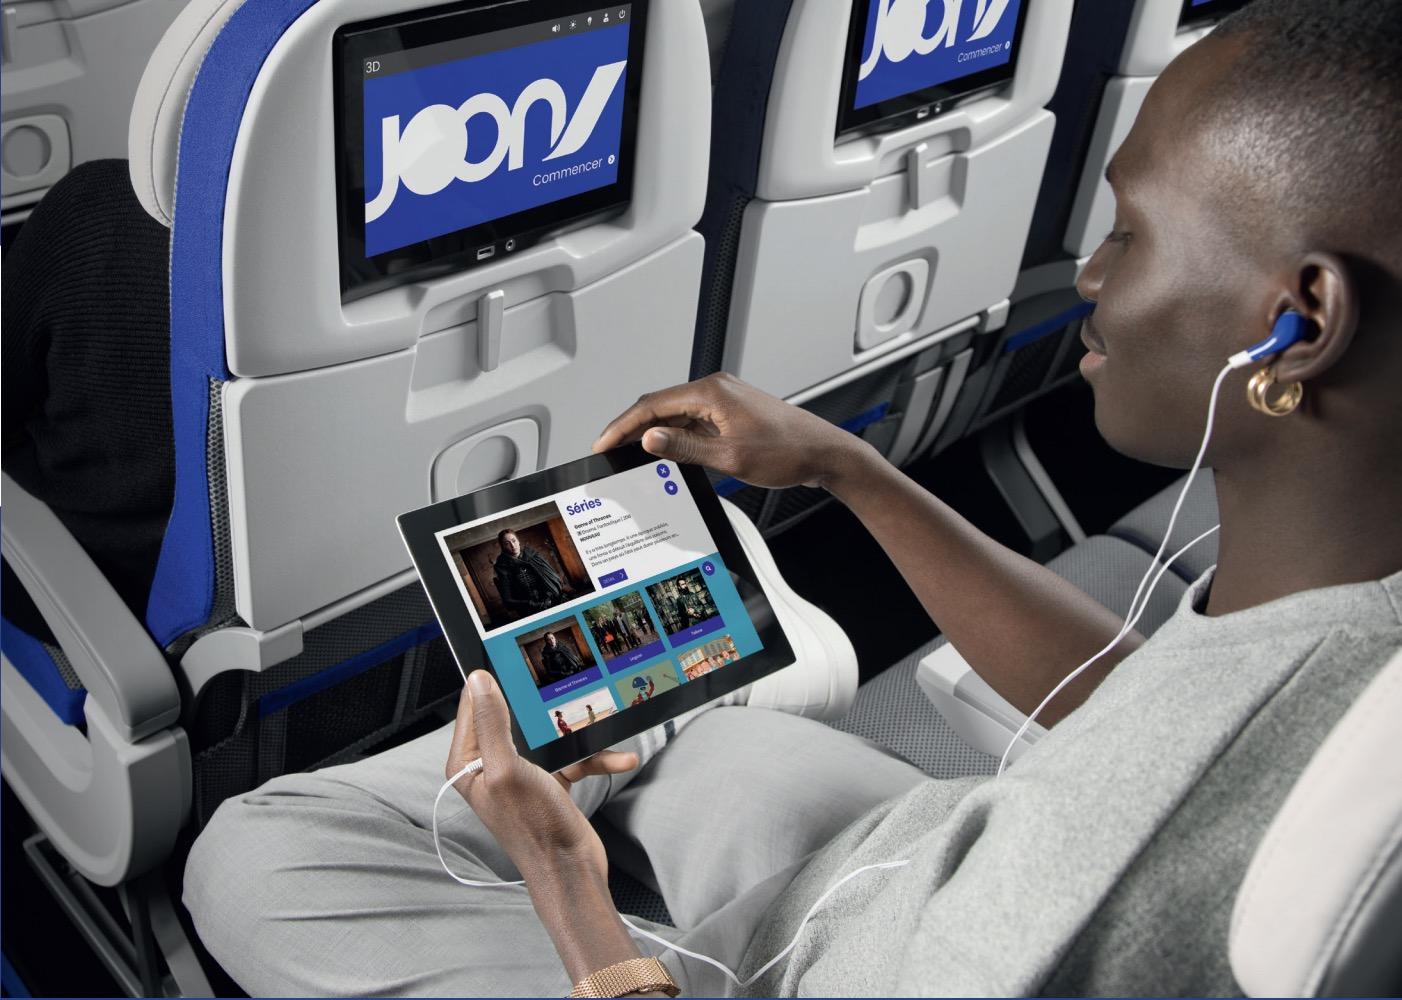 Na palubě letadel Joon najdete zábavní systém YouJoon